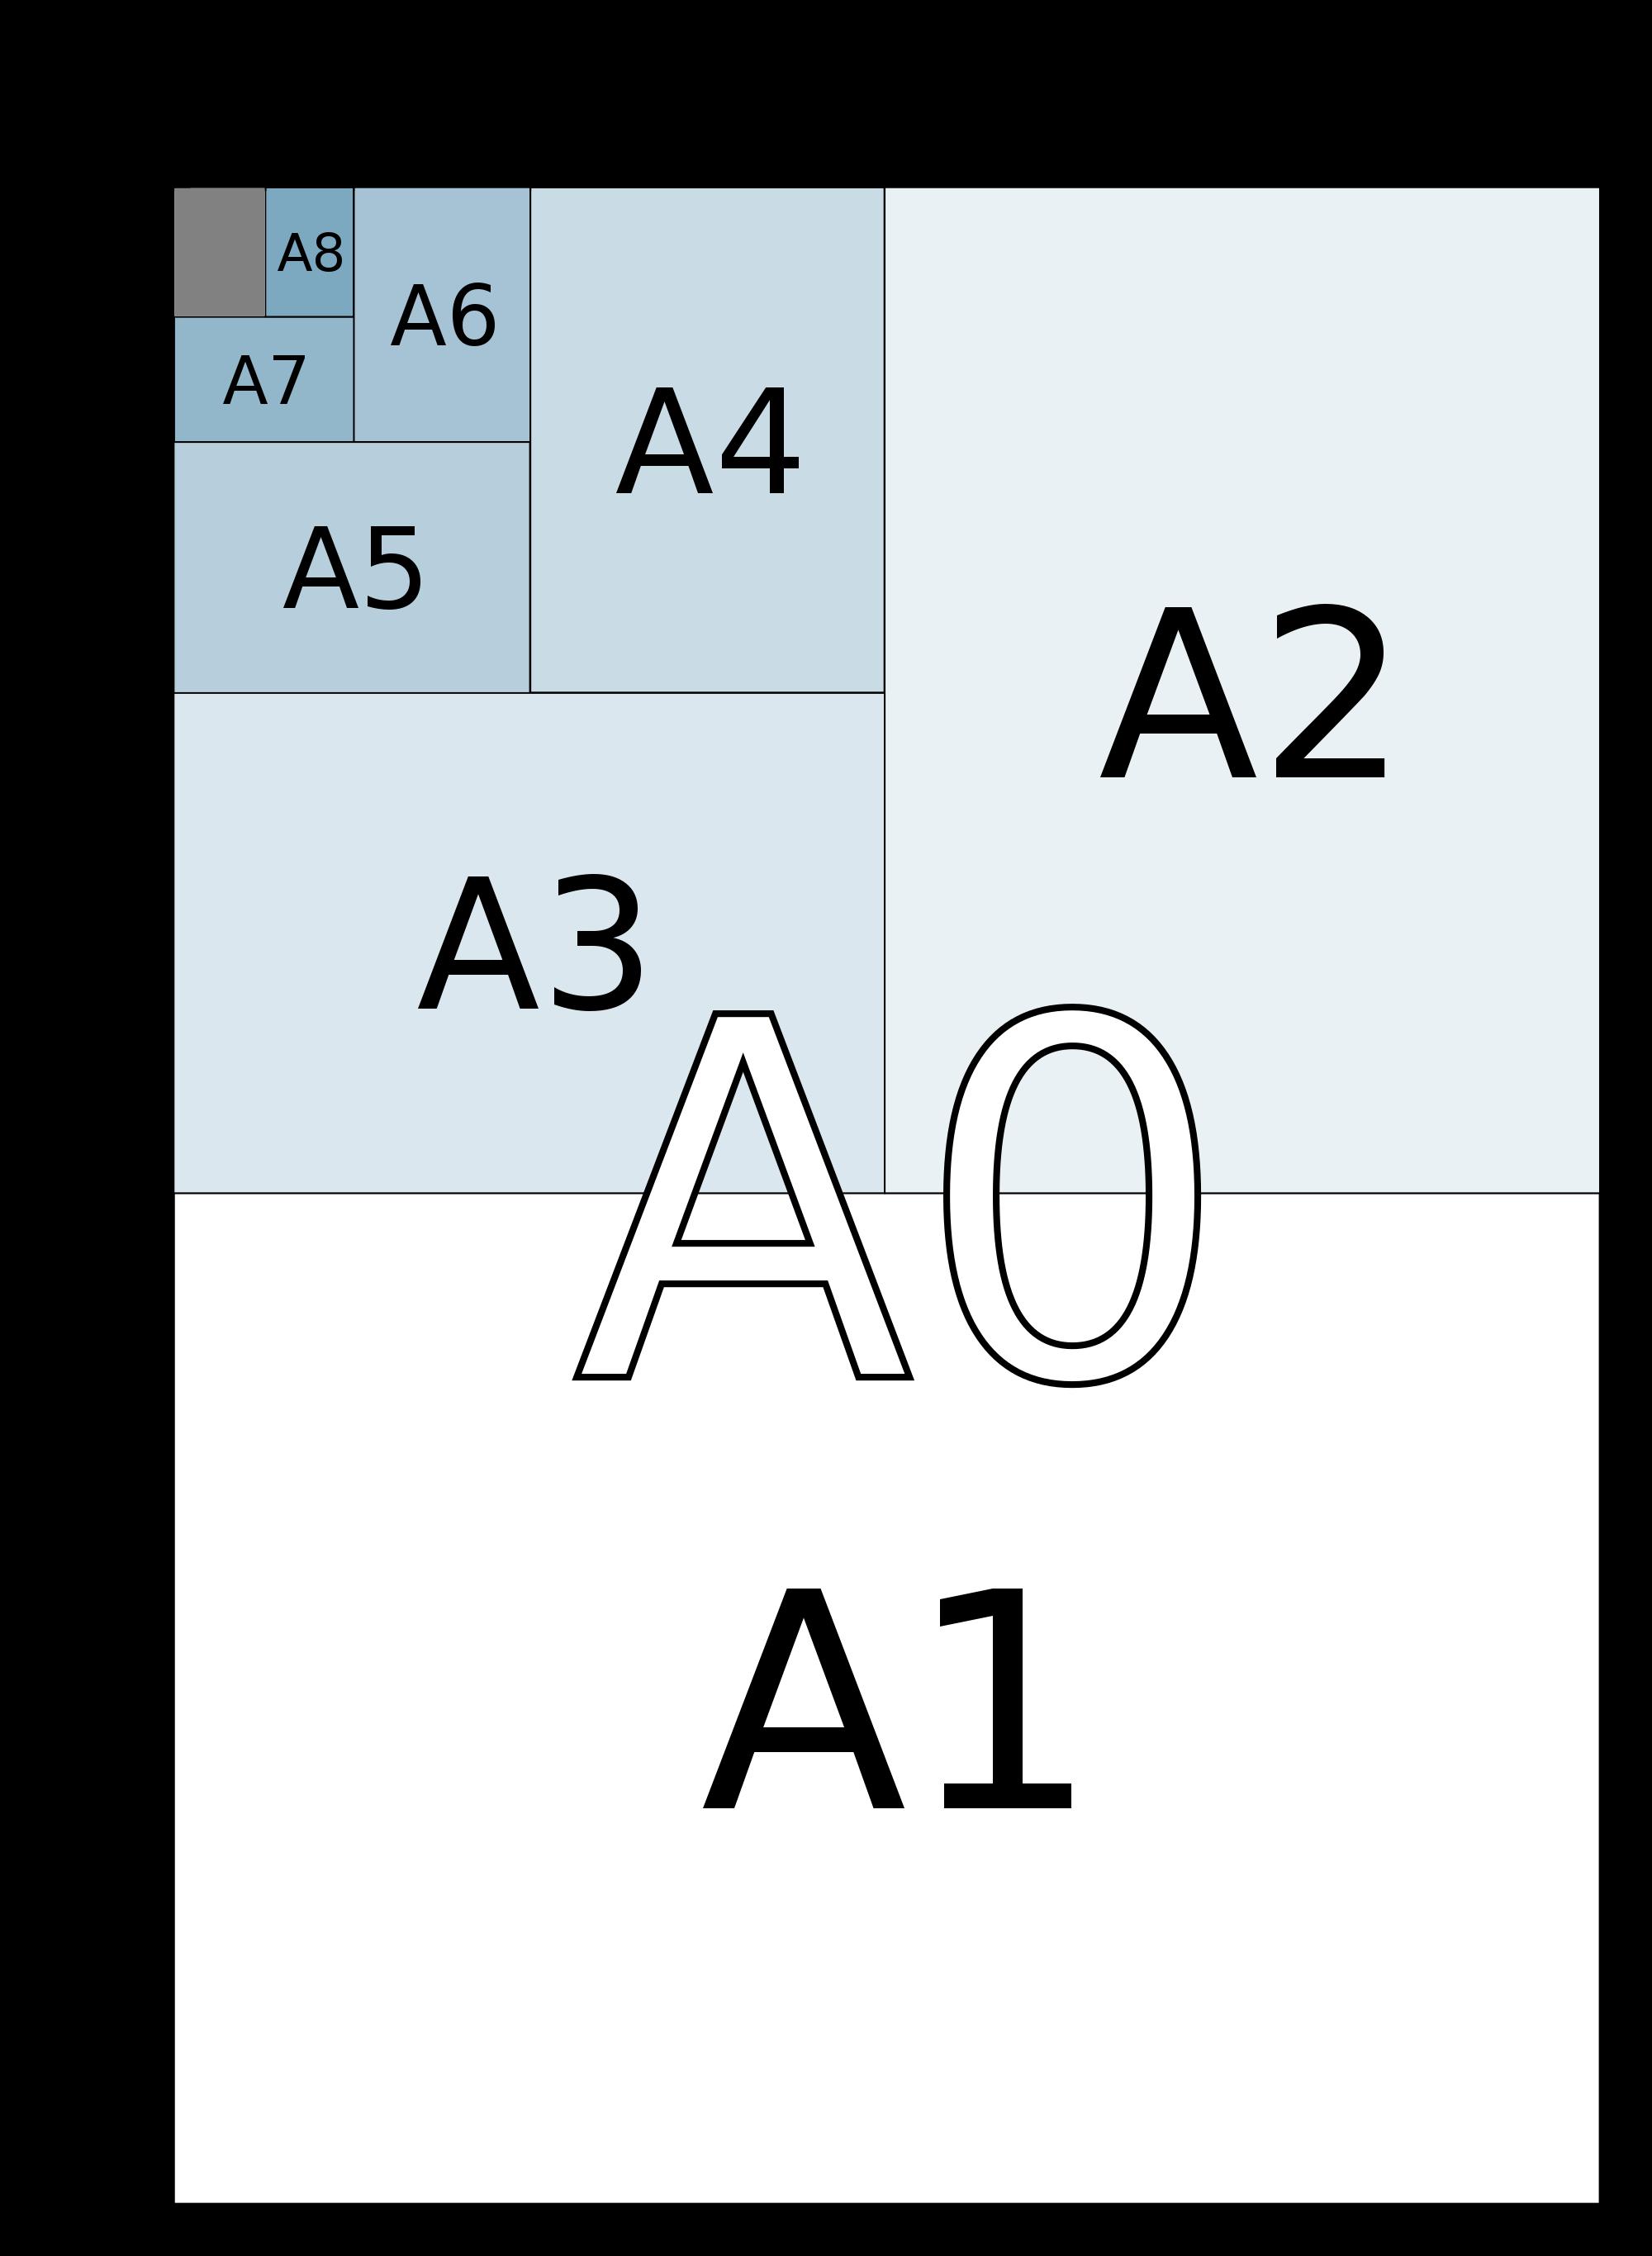 Ручной работы, размер открытки а5 в пикселях